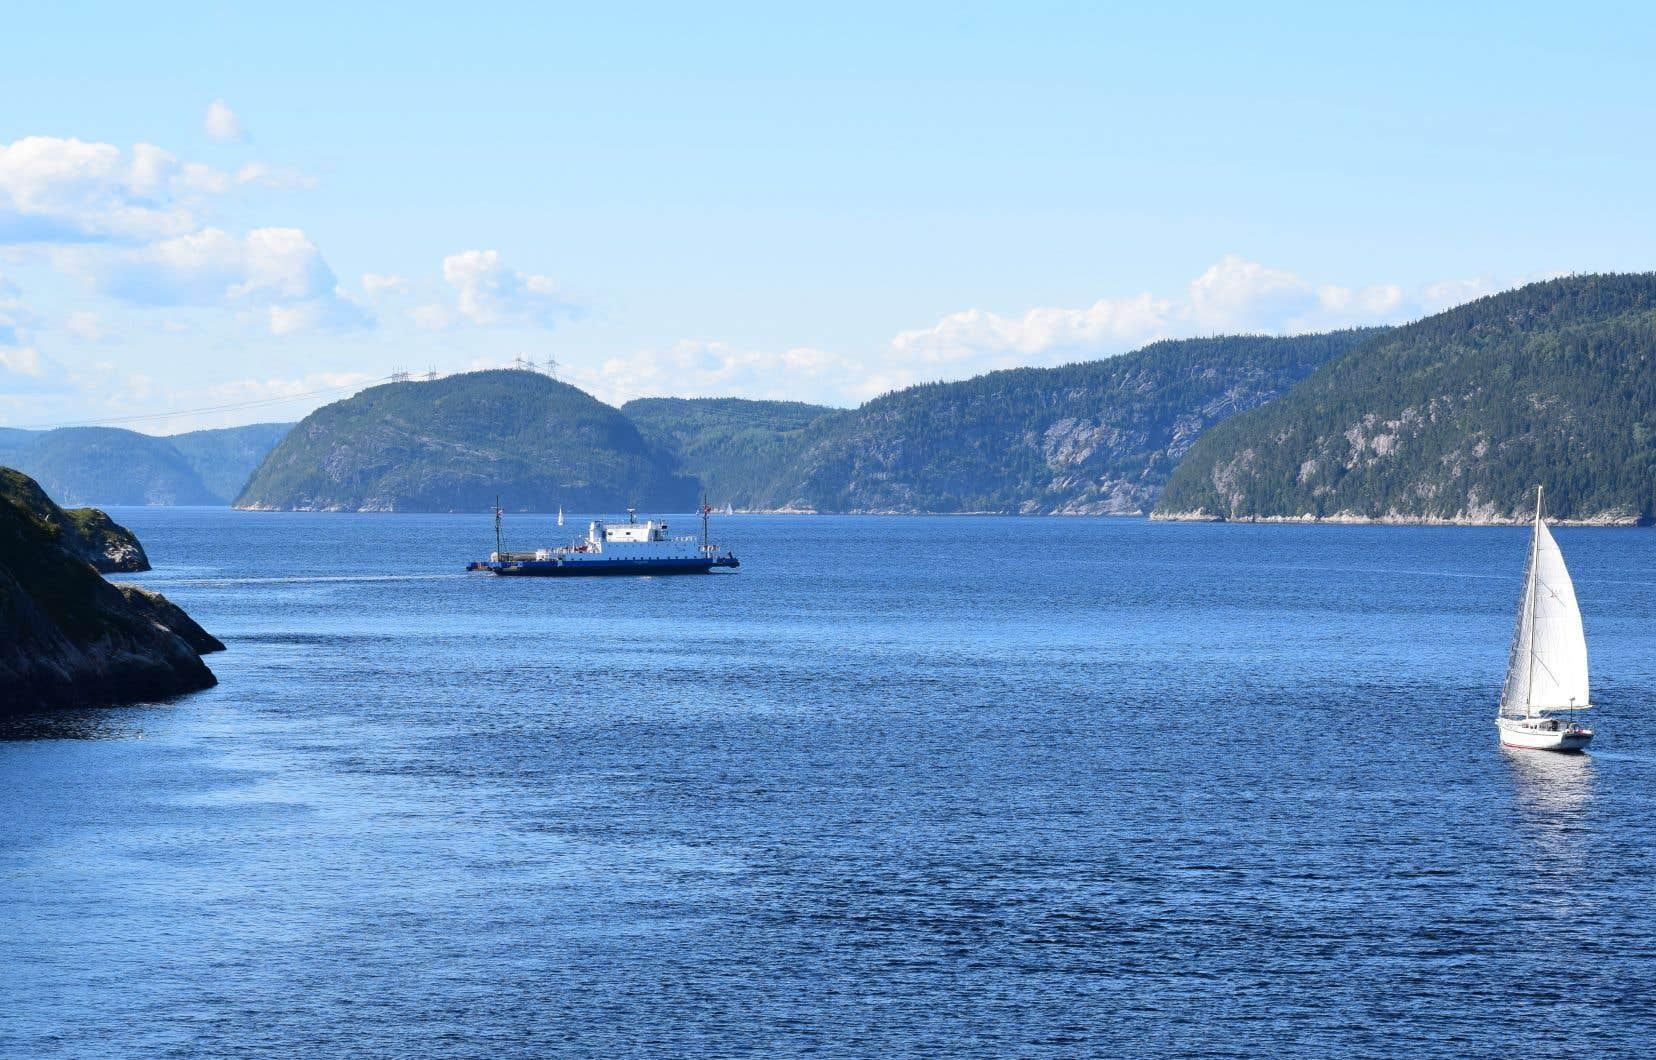 Le projet consiste en la construction d'un gazoduc de 750 km qui irait de l'Ontario transportant du gaz de l'Ouest jusqu'à une usine de liquéfaction à Saguenay, pour ensuite l'exporter à l'étranger par pétrolier.